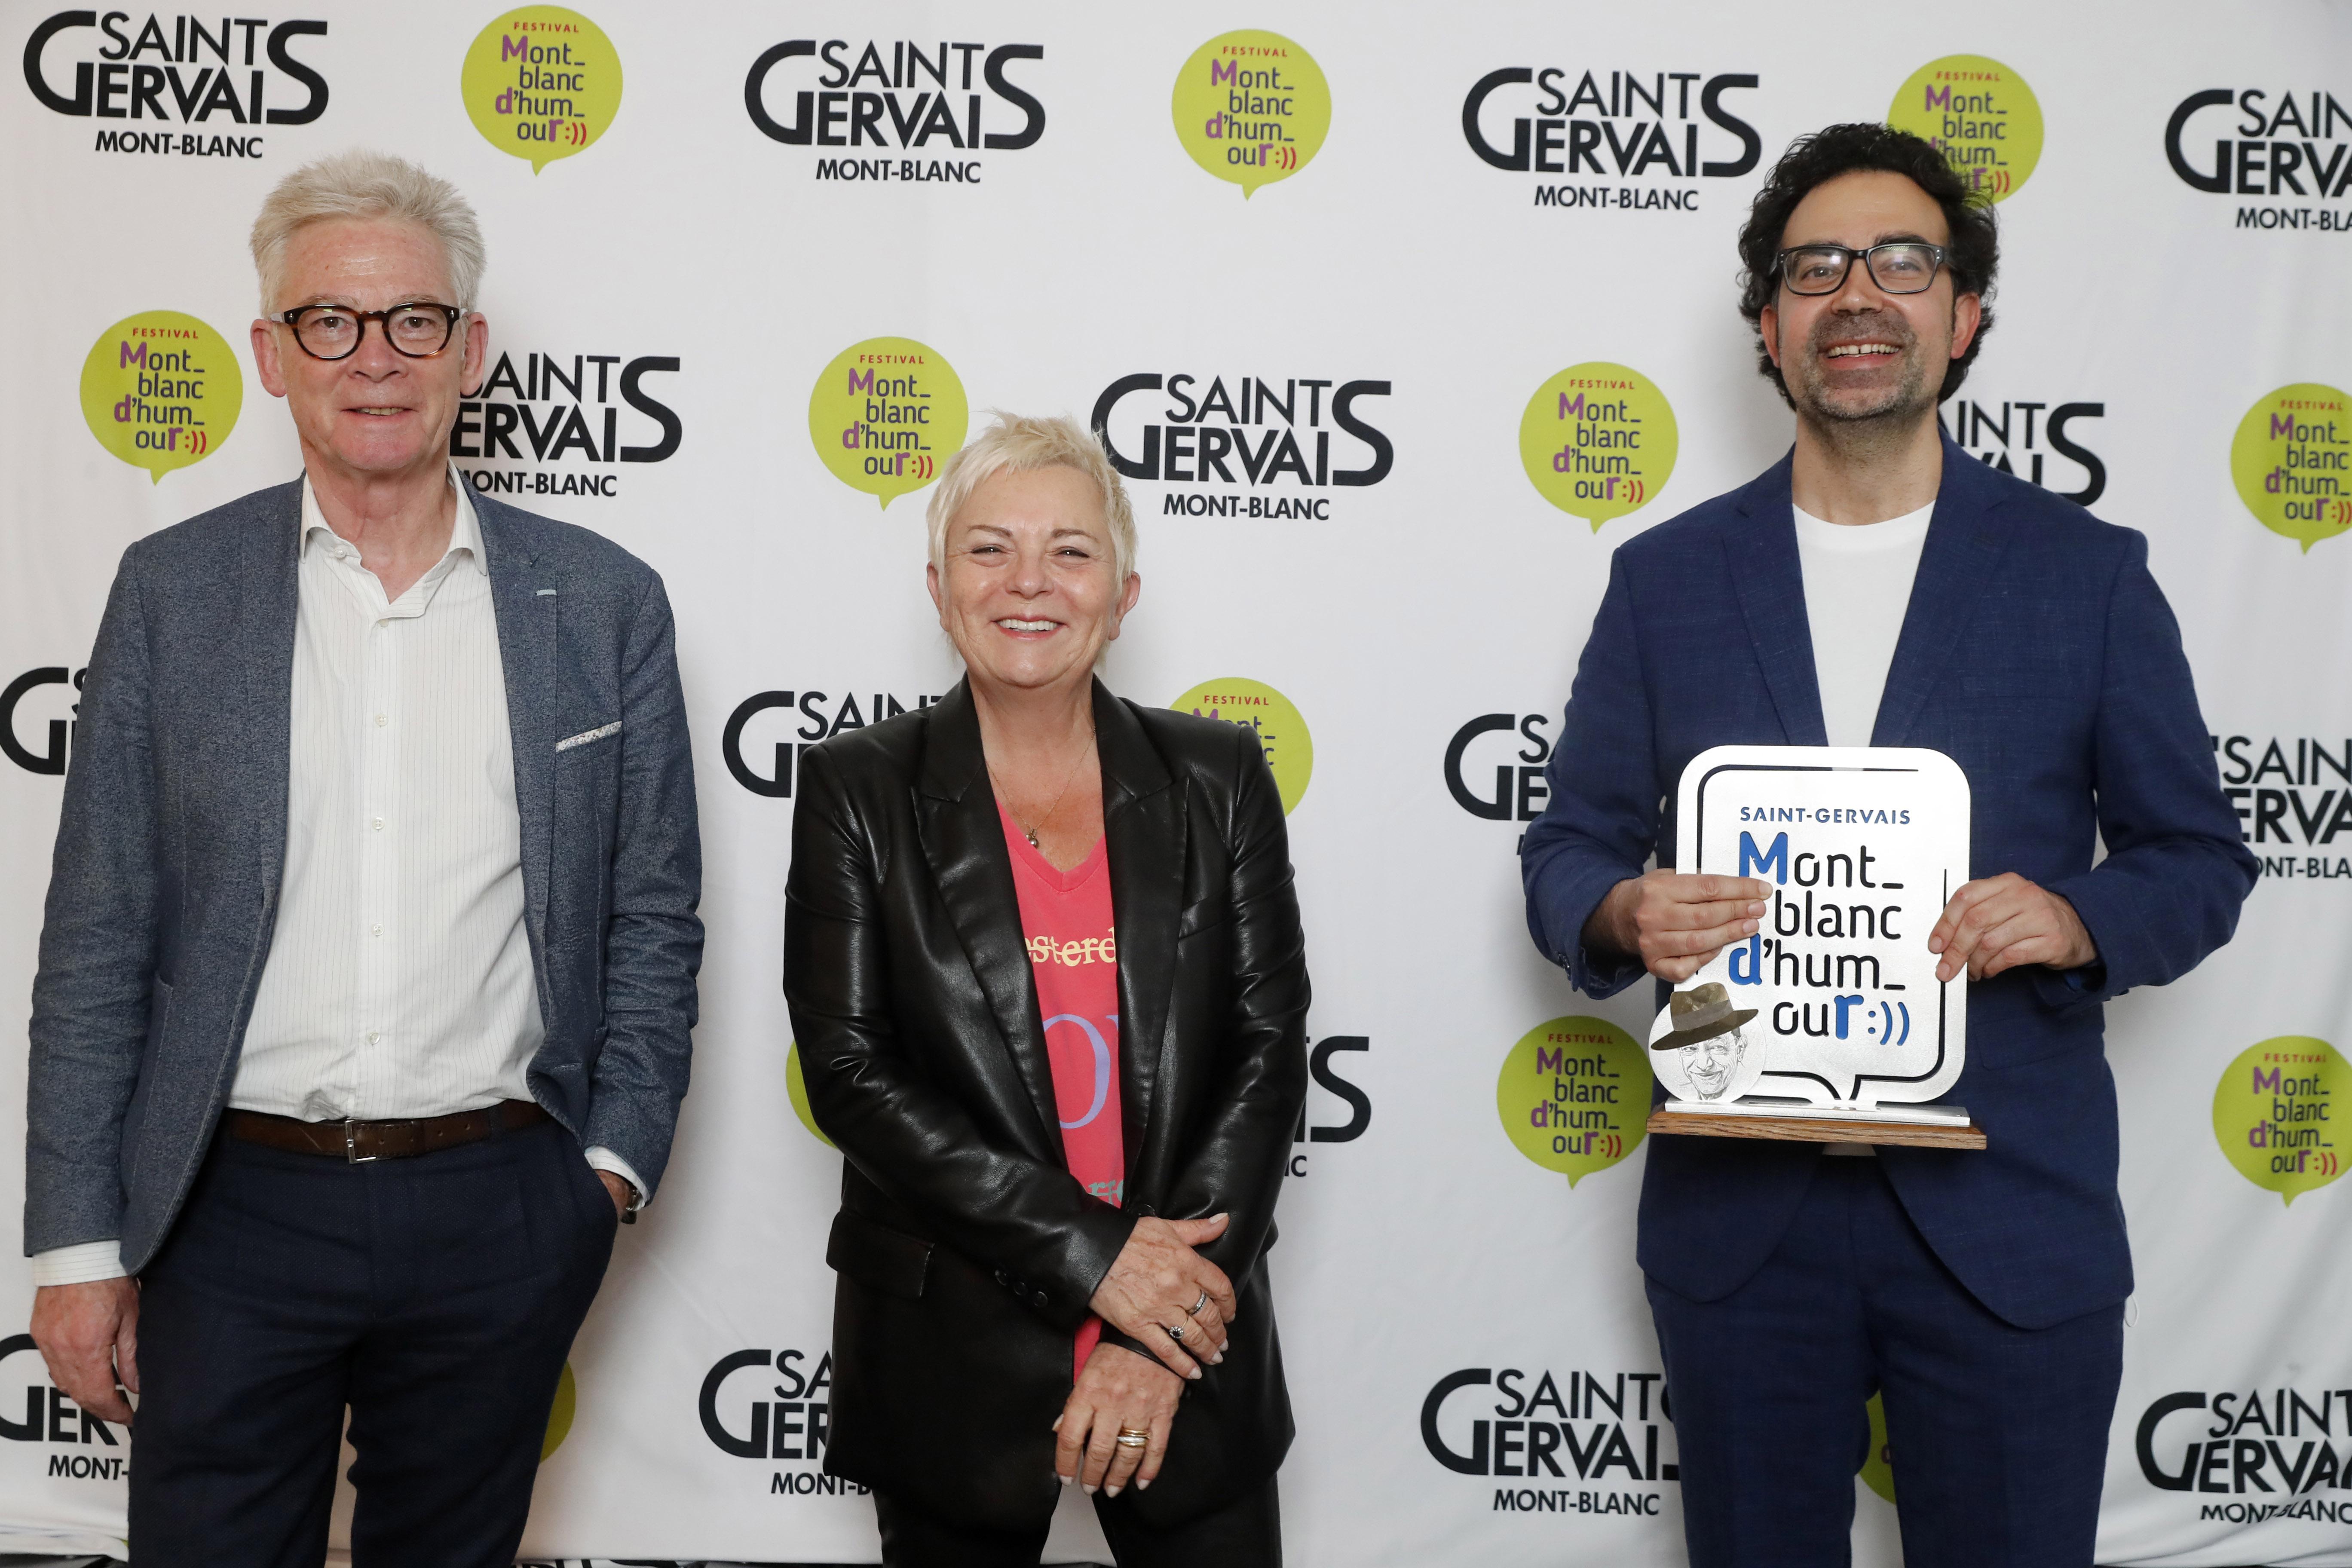 Le Festival 100% digital Saint-Gervais Mont-Blanc d'Humour : une réussite ! 162